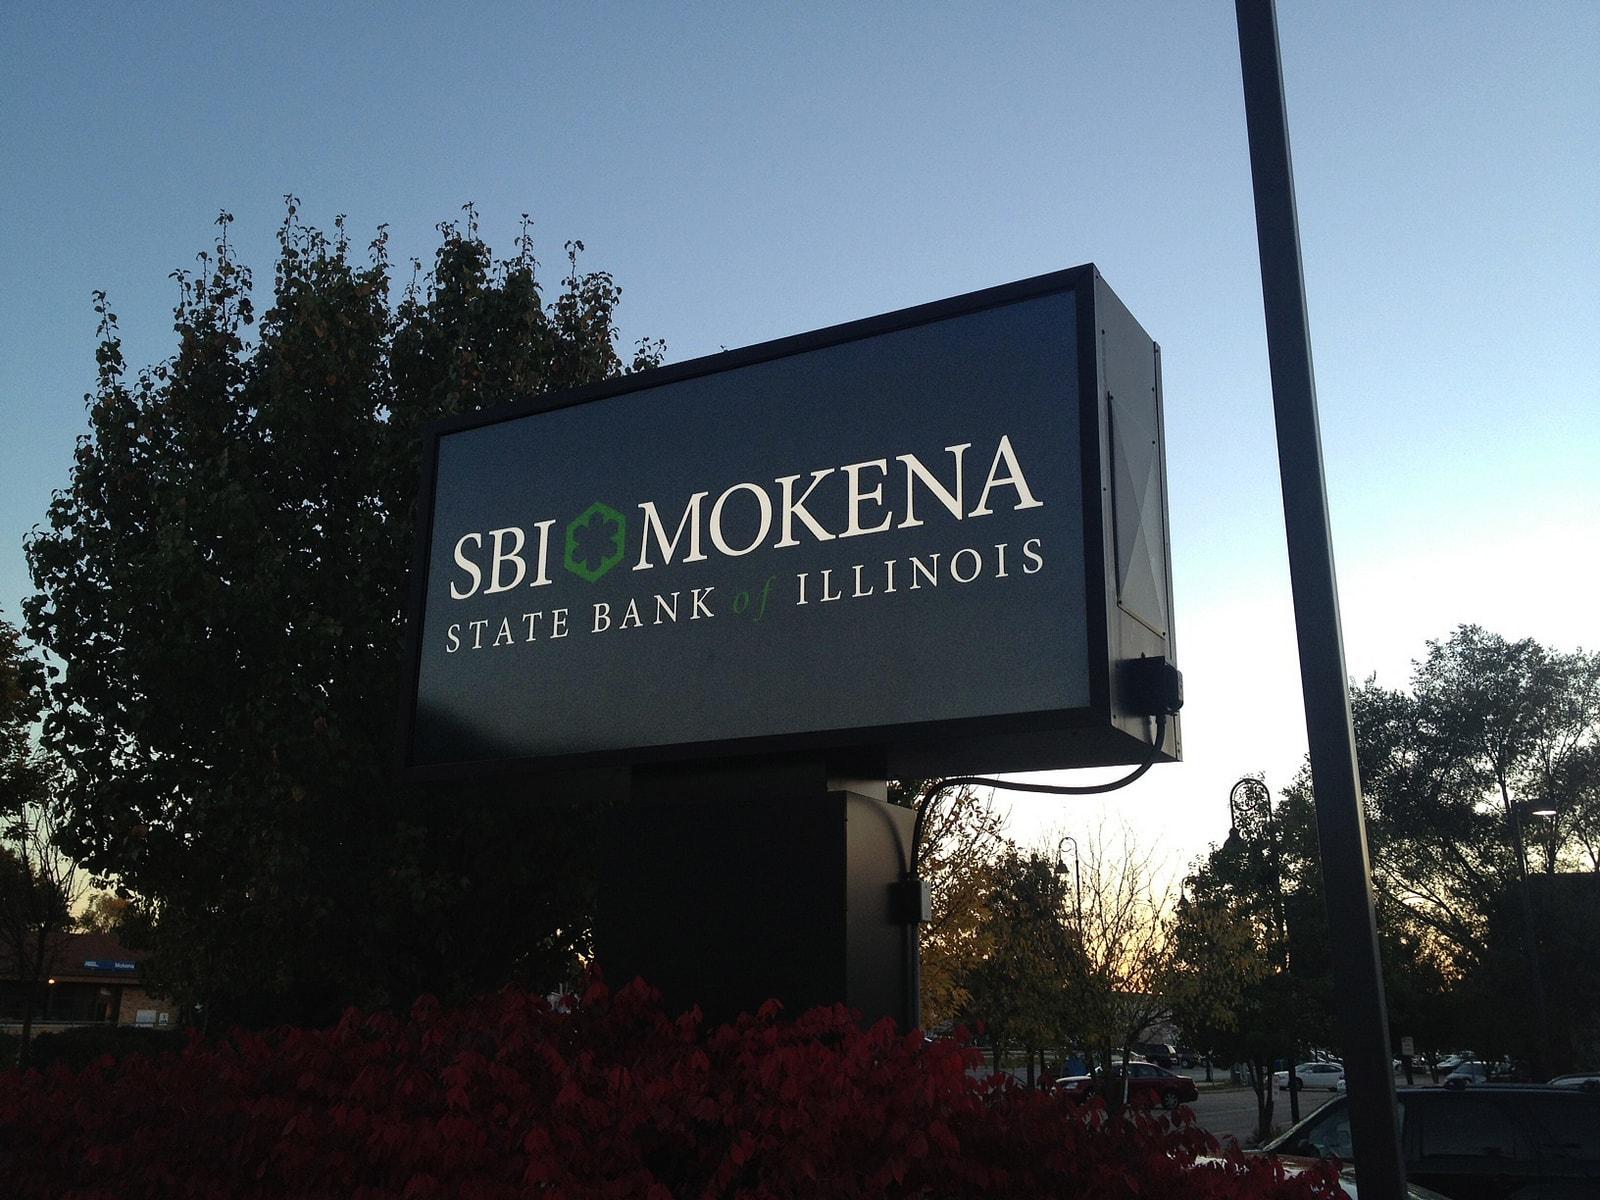 SBI Mokena State Bank Sign